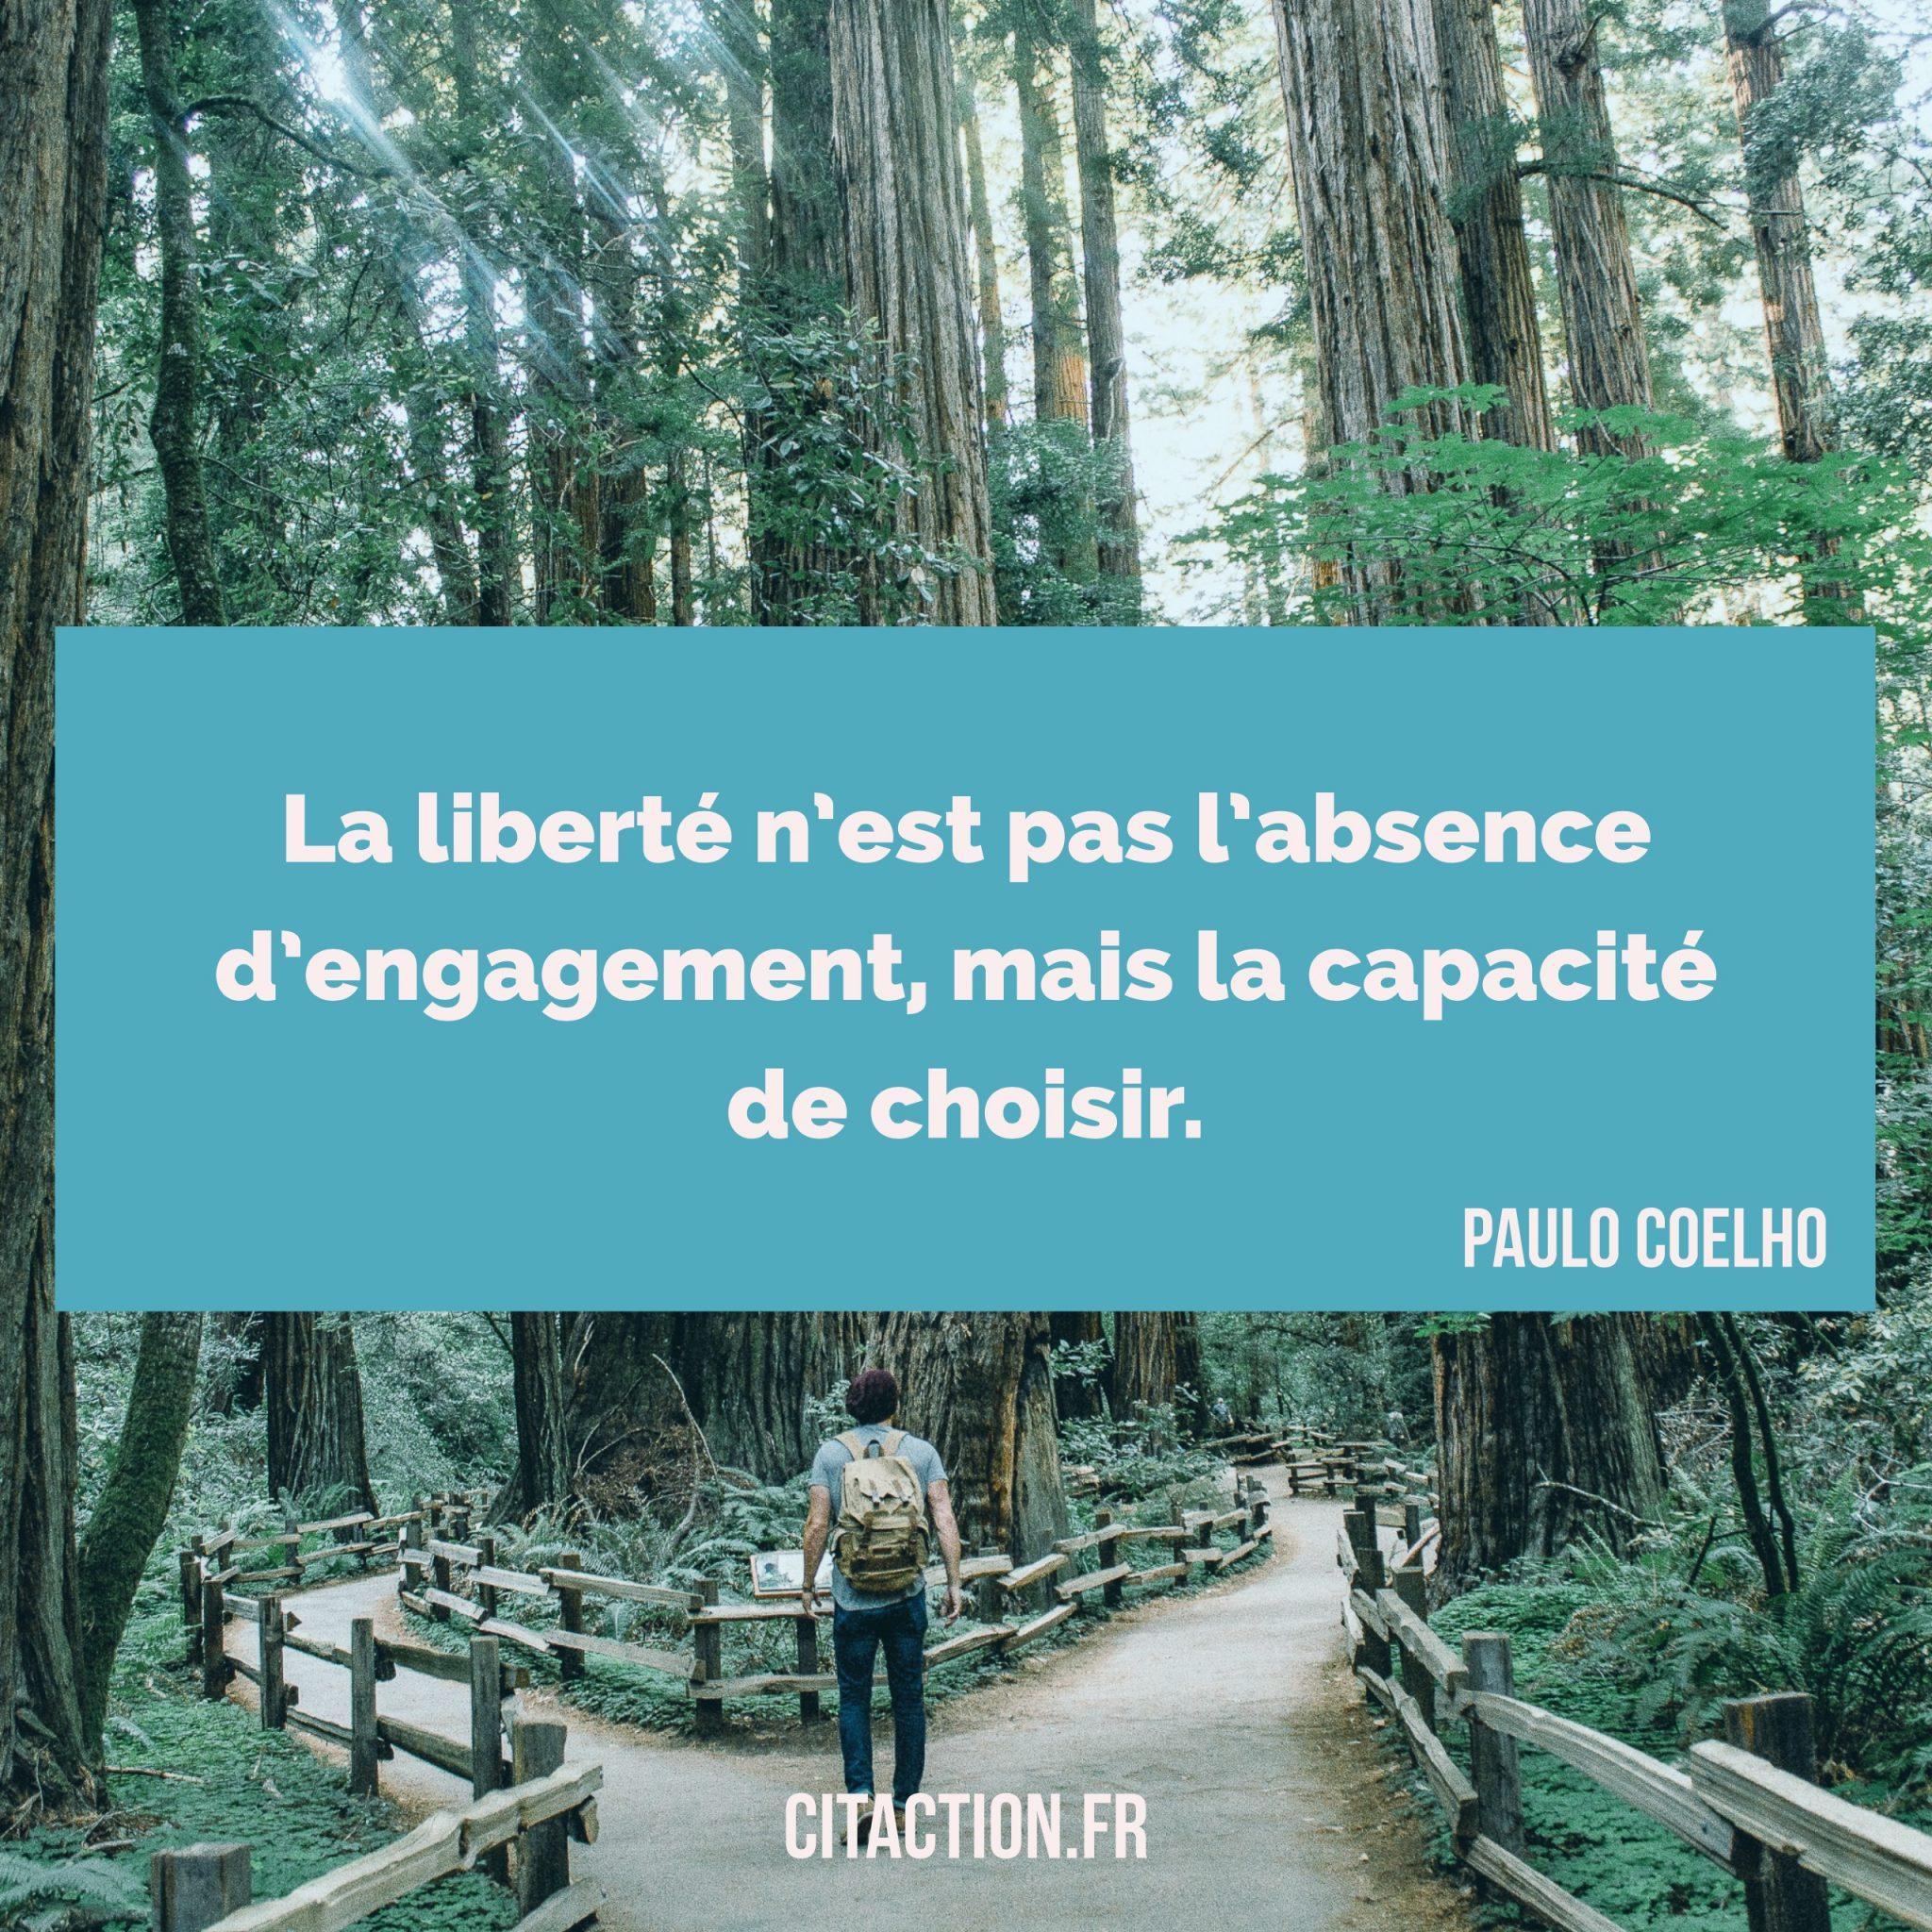 La liberté n'est pas l'absence d'engagement, mais la capacité de choisir.